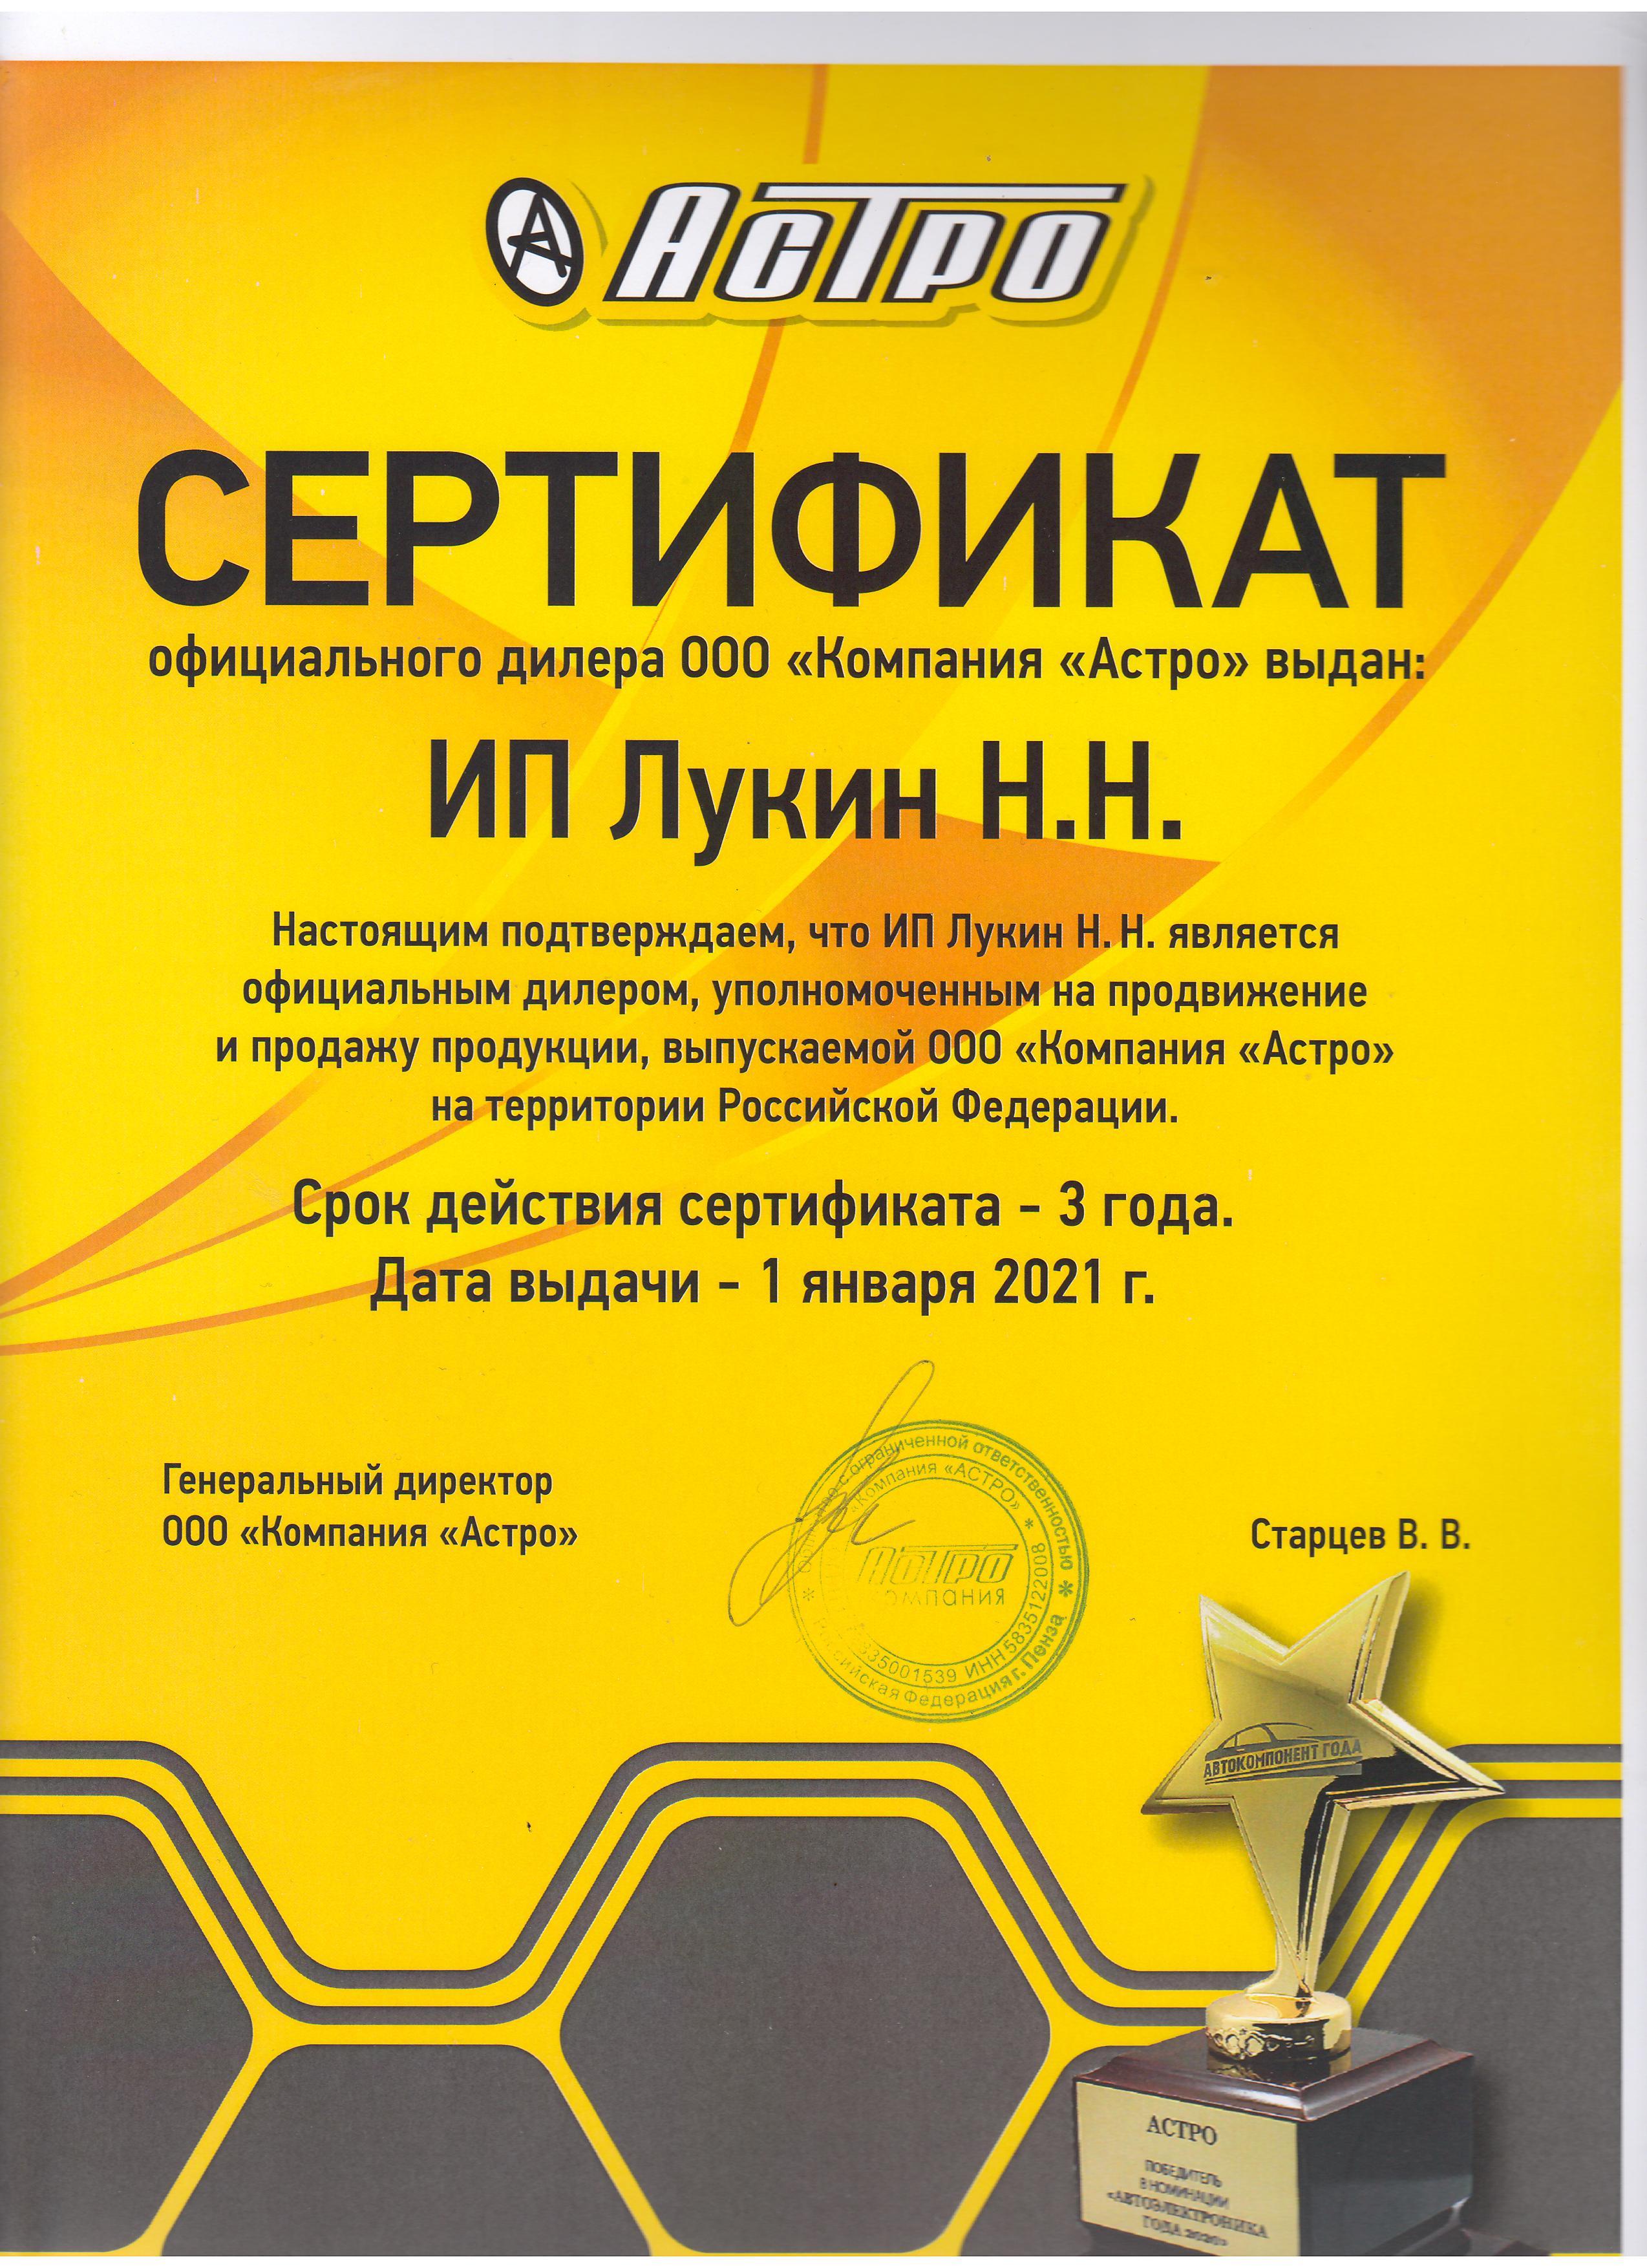 Сертификат для ИП Лукин Н.Н.